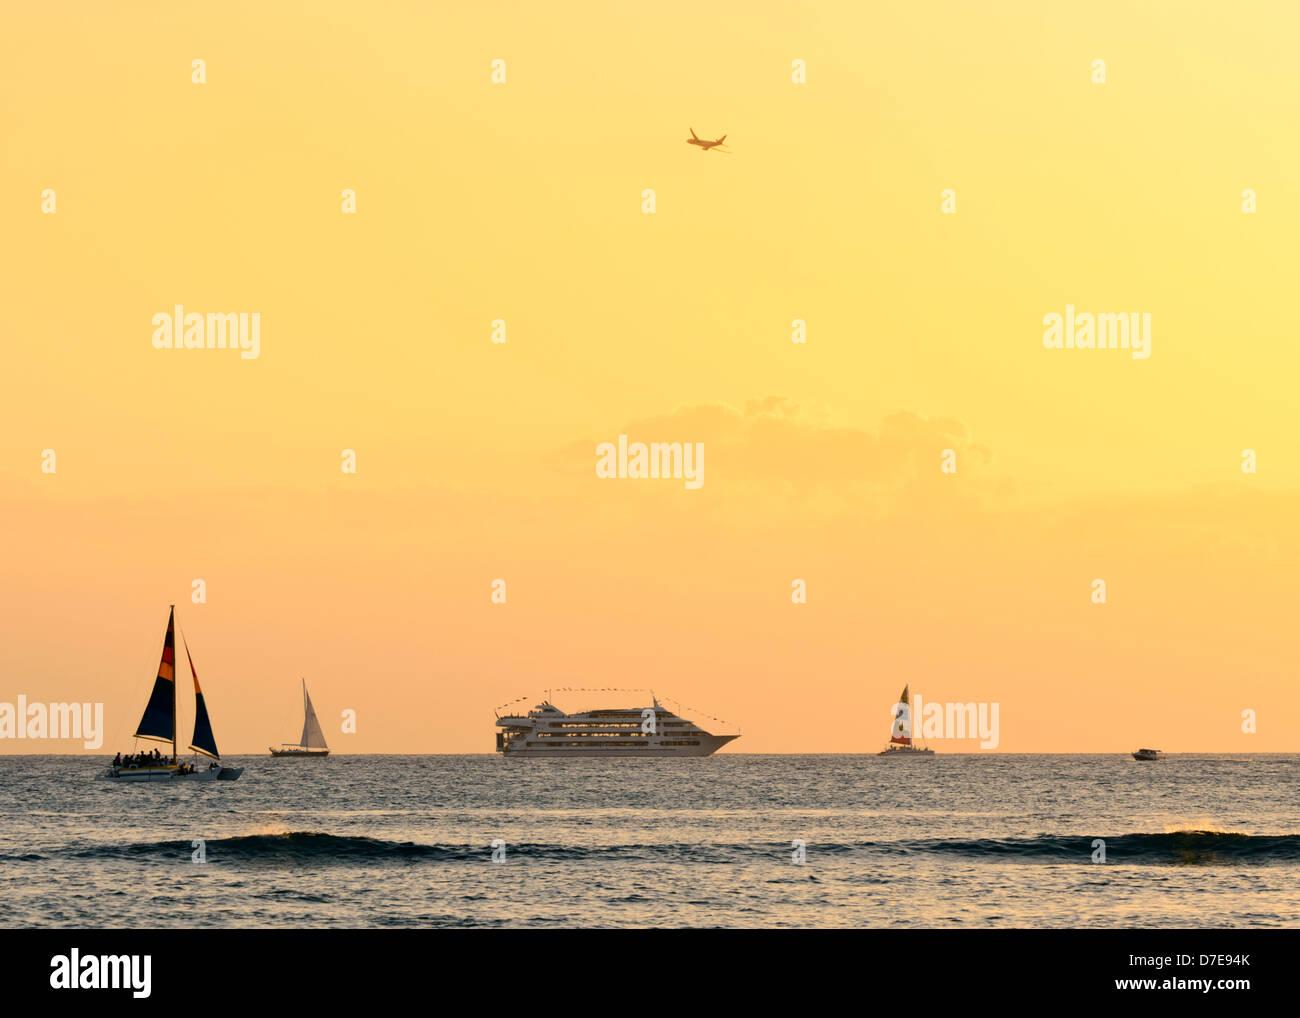 Varios barcos al mar fuera de Waikiki Beach para ver la hermosa puesta de sol hawaiana. Foto de stock